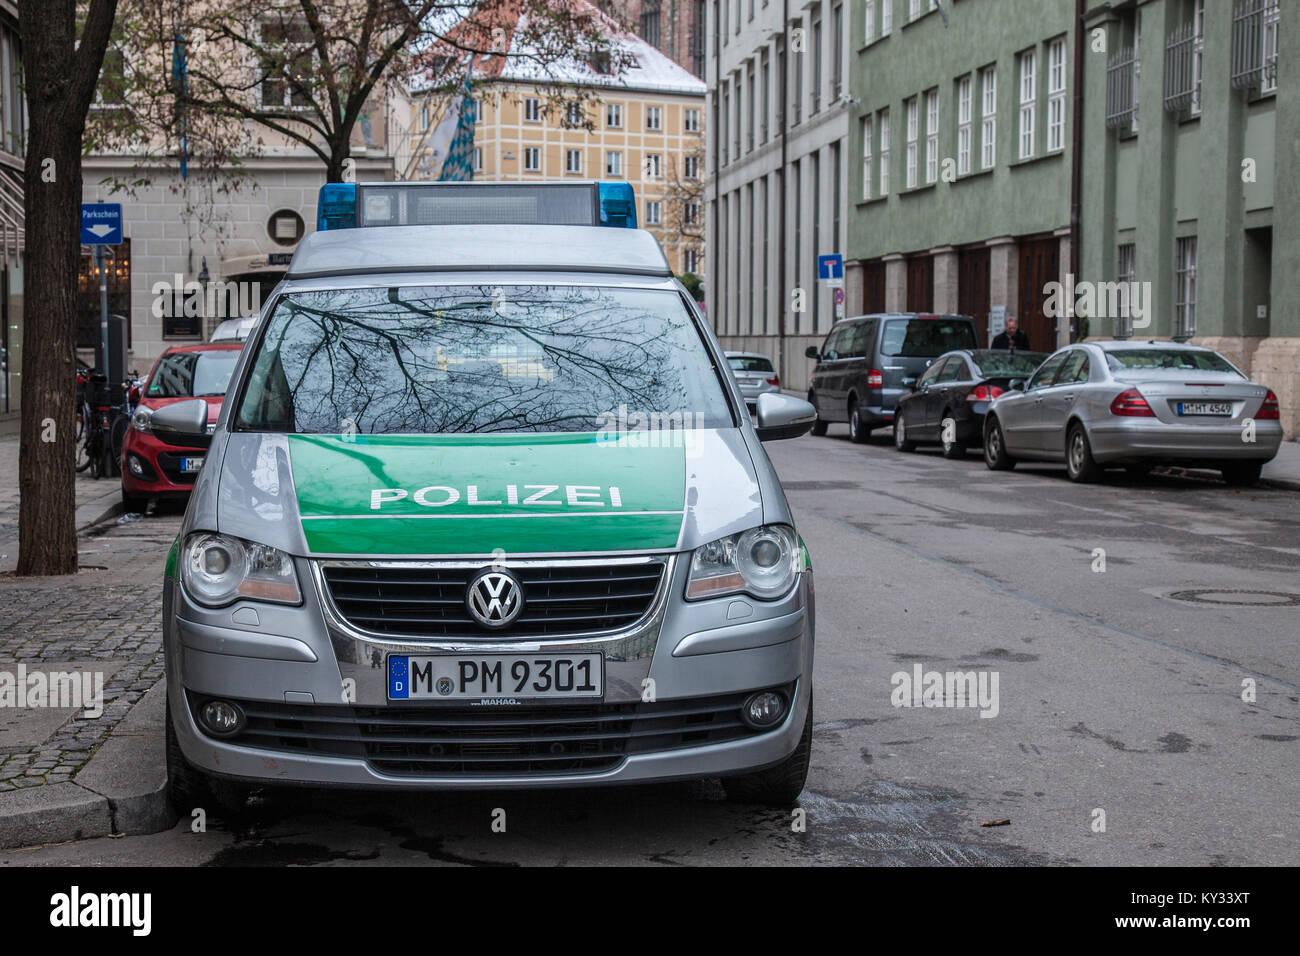 München, Deutschland - Dezember 18, 2017: Volkswagen aus der Bayerischen Staatlichen Polizei (Polizei) in München. Stockbild